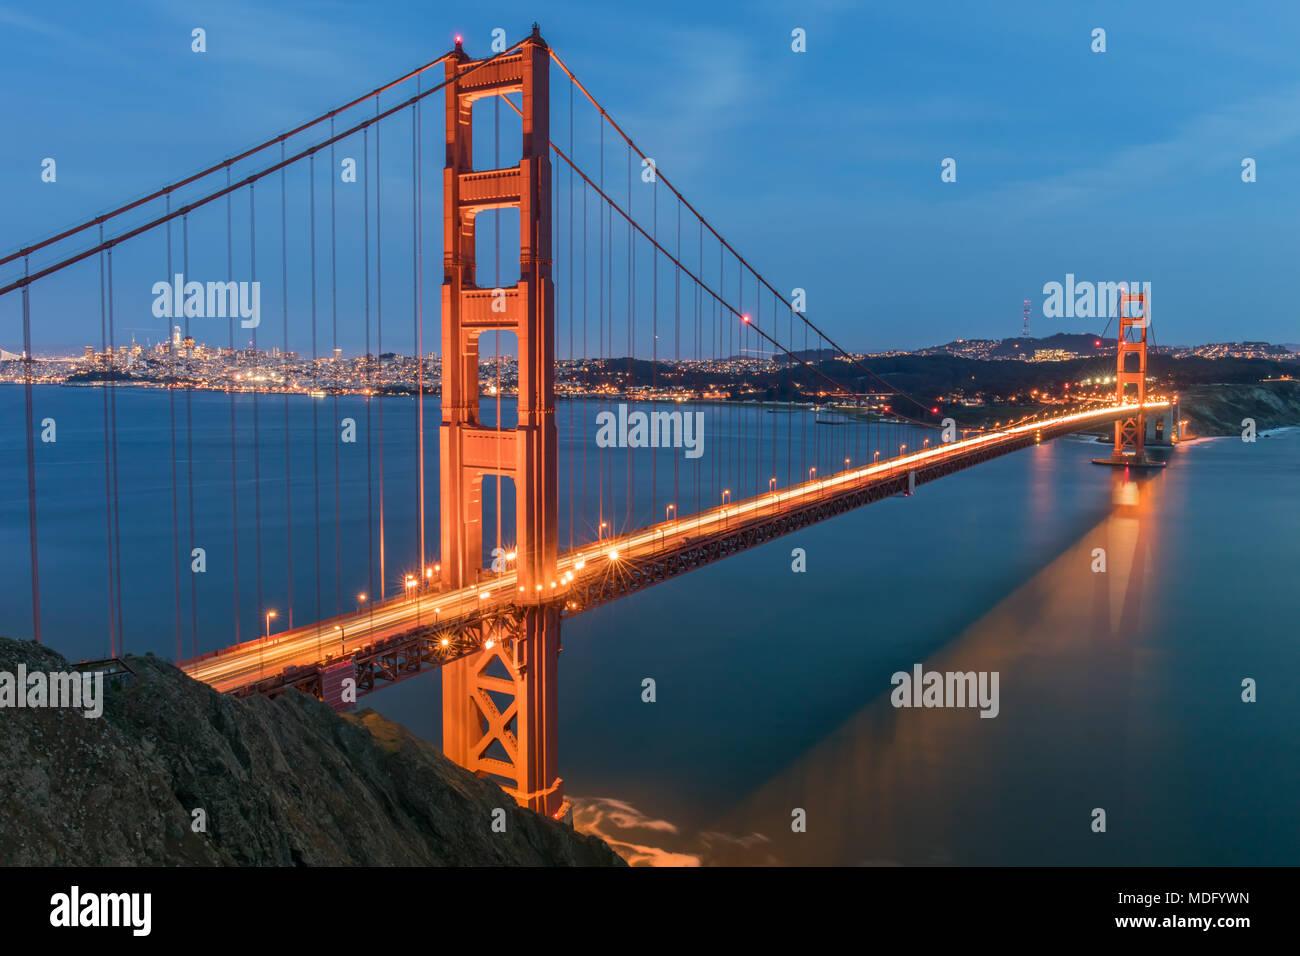 Vistas del Puente Golden Gate y el horizonte de San Francisco desde la batería Spencer. Foto de stock